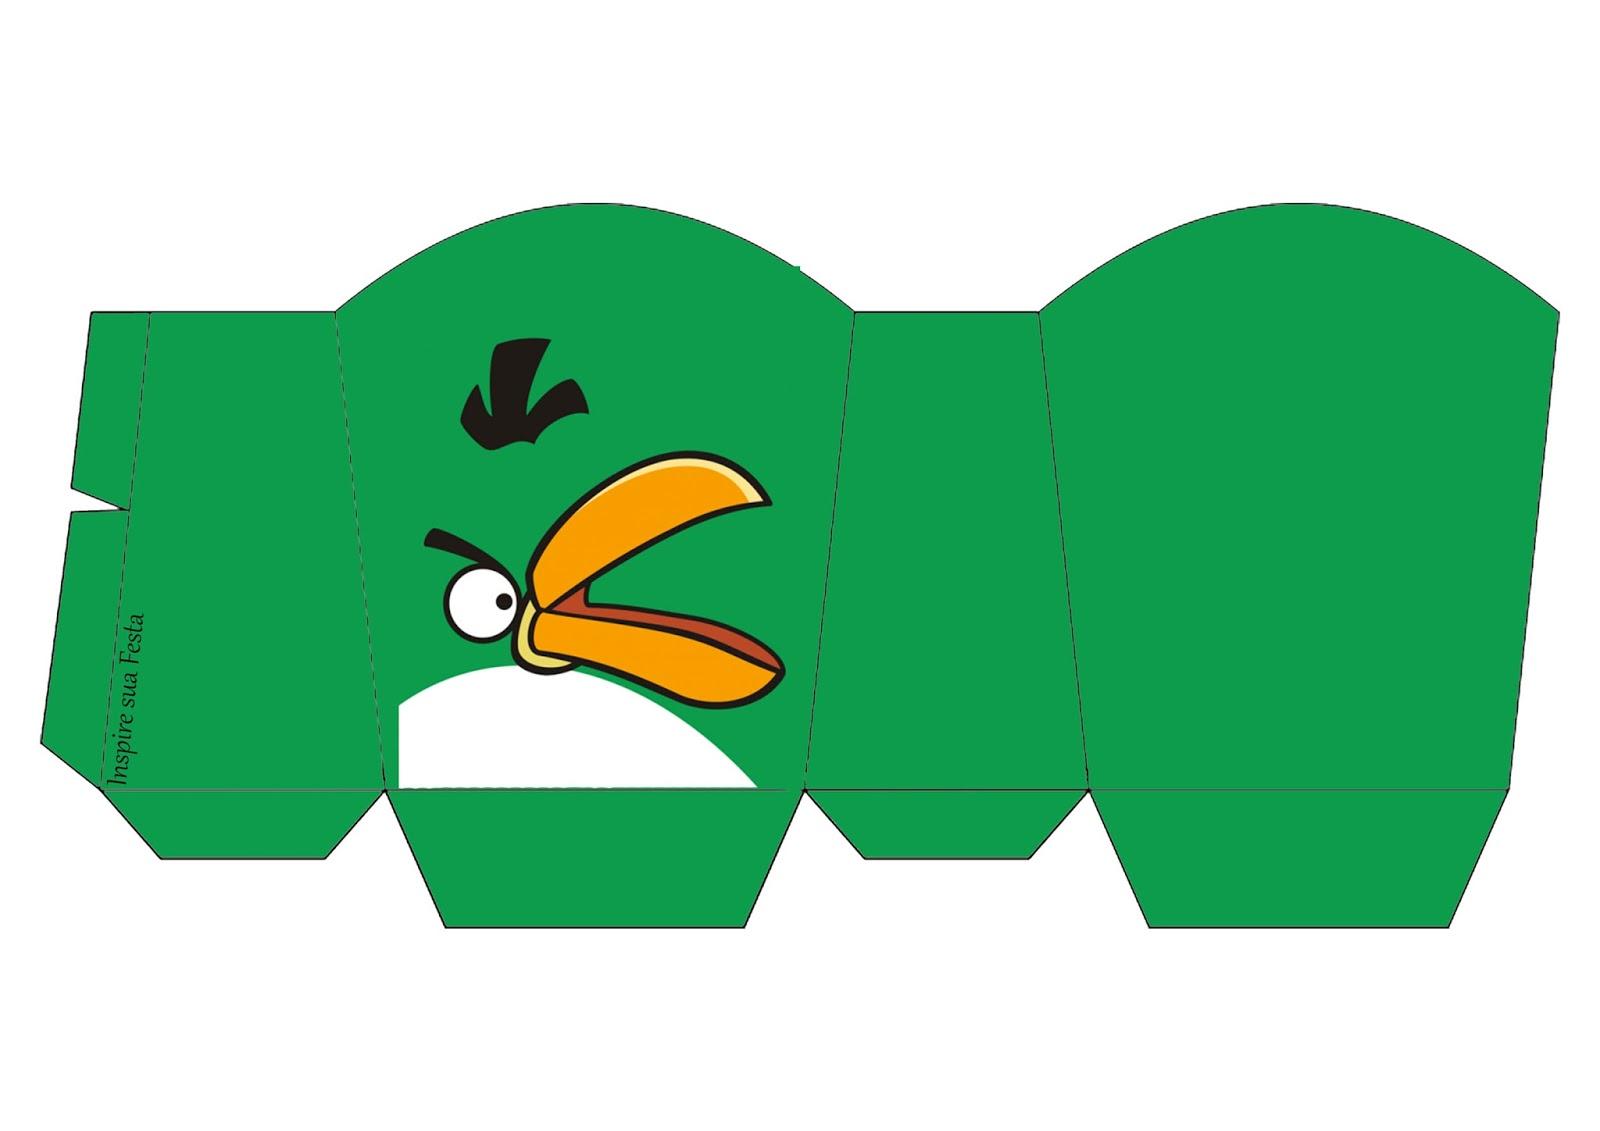 Как сделать angry birds из бумаги своими руками?